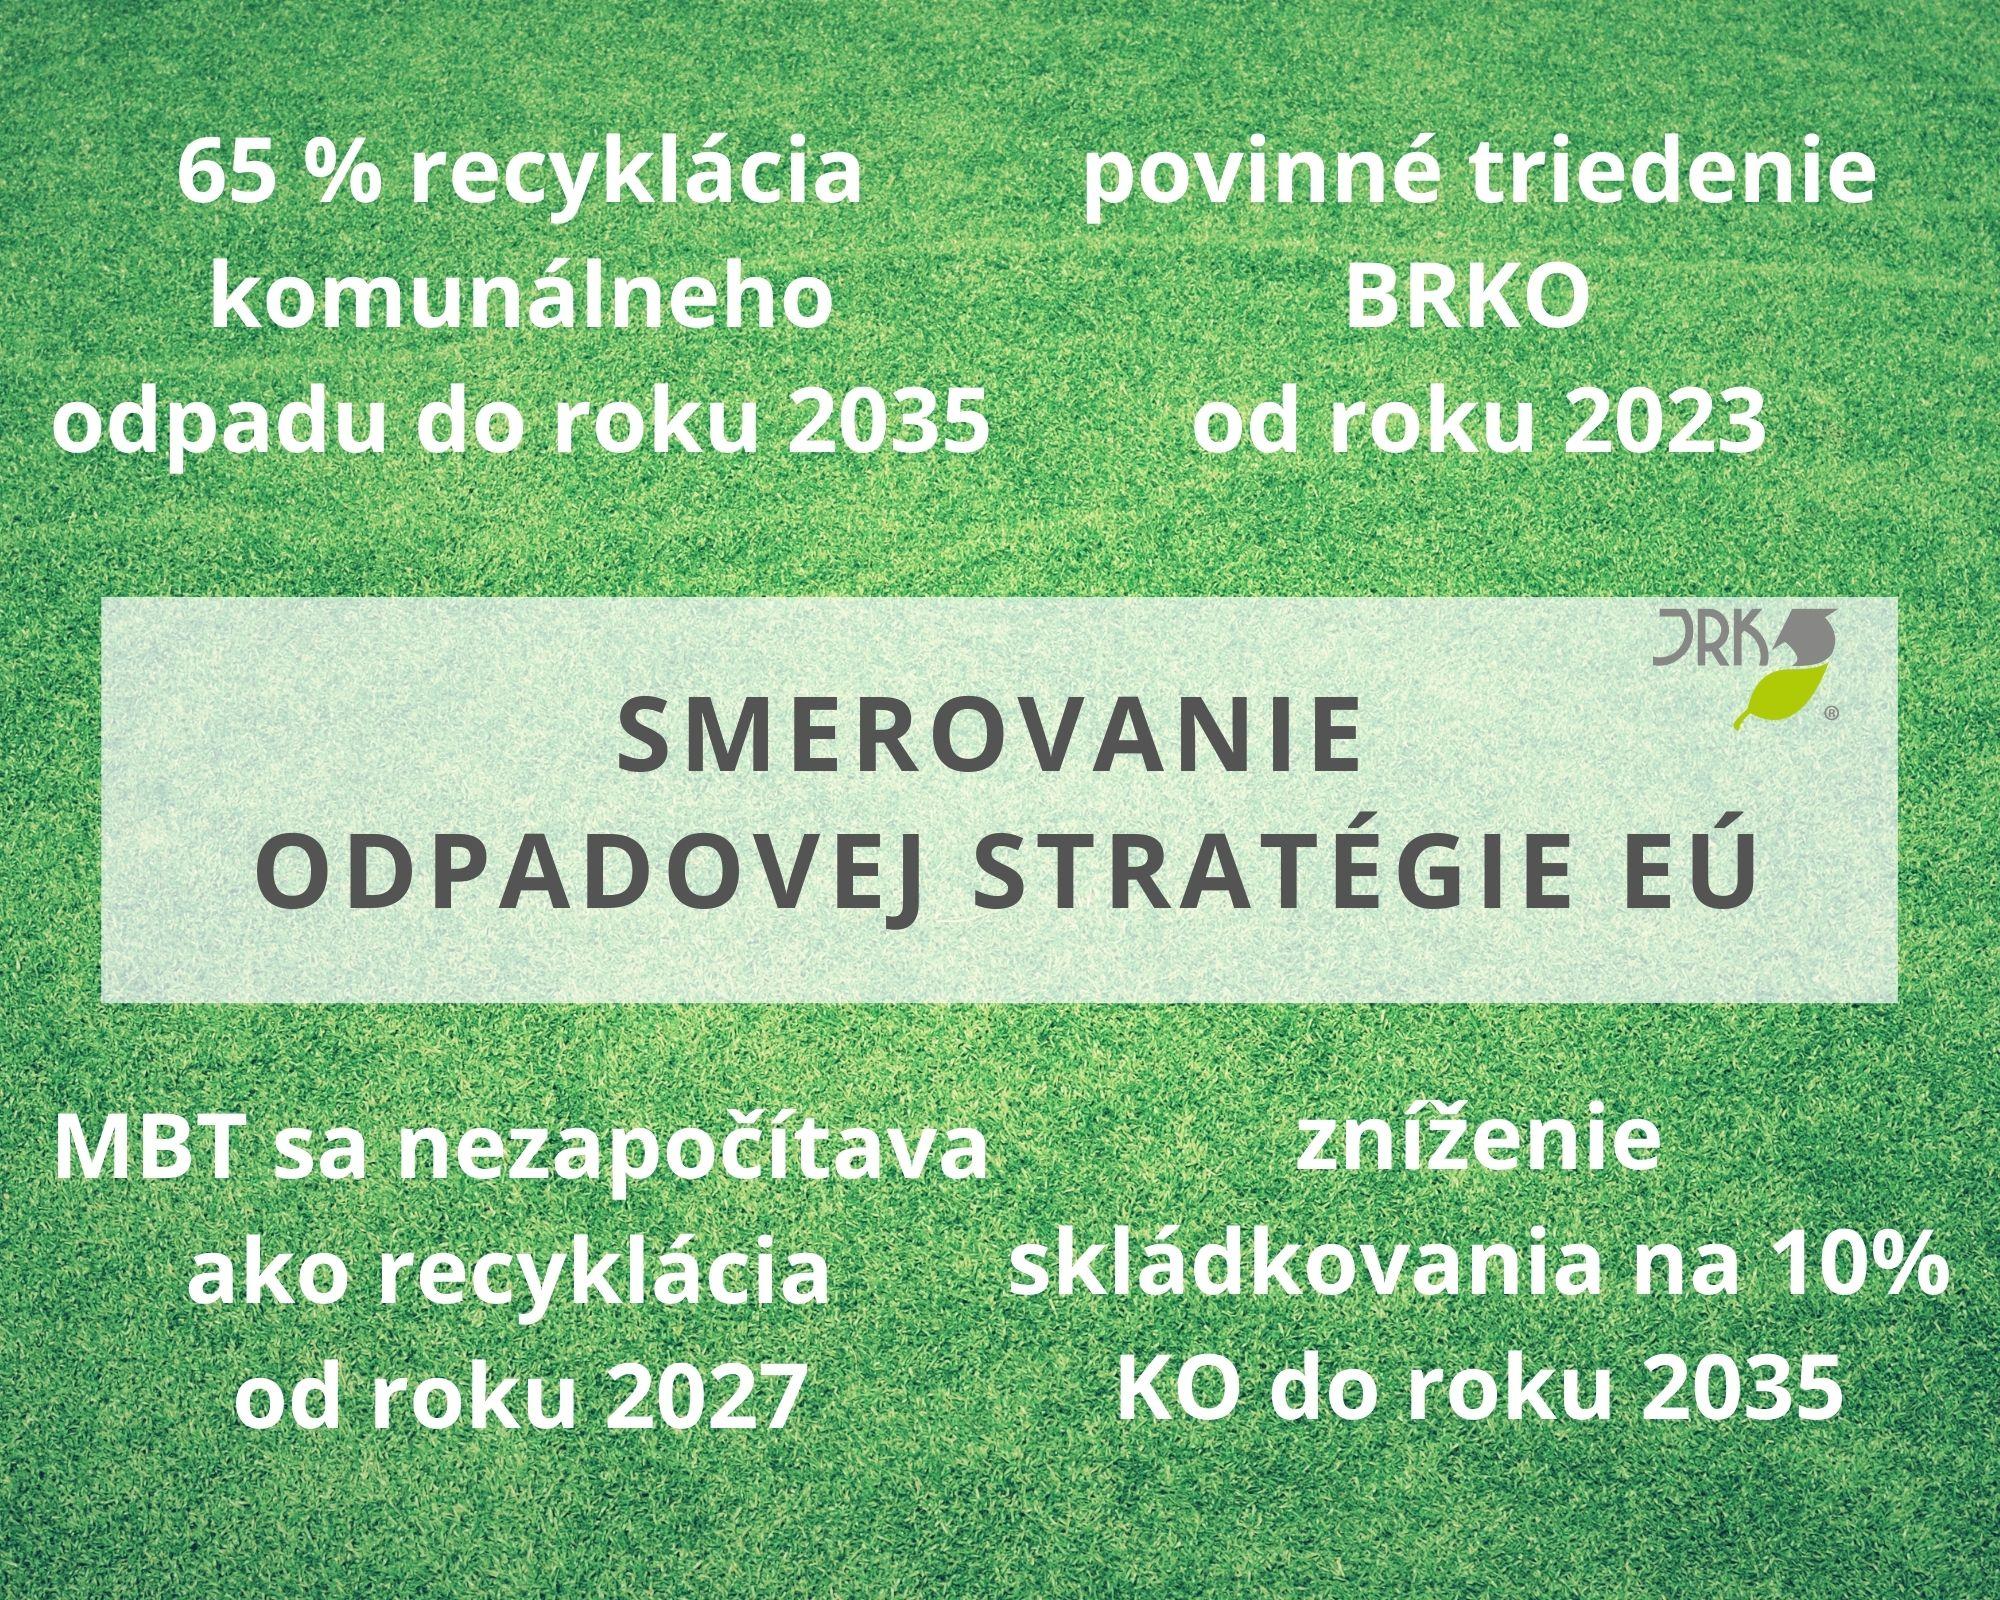 triedenie odpadu, kuchynský odpad, ciele EU v odpadoch